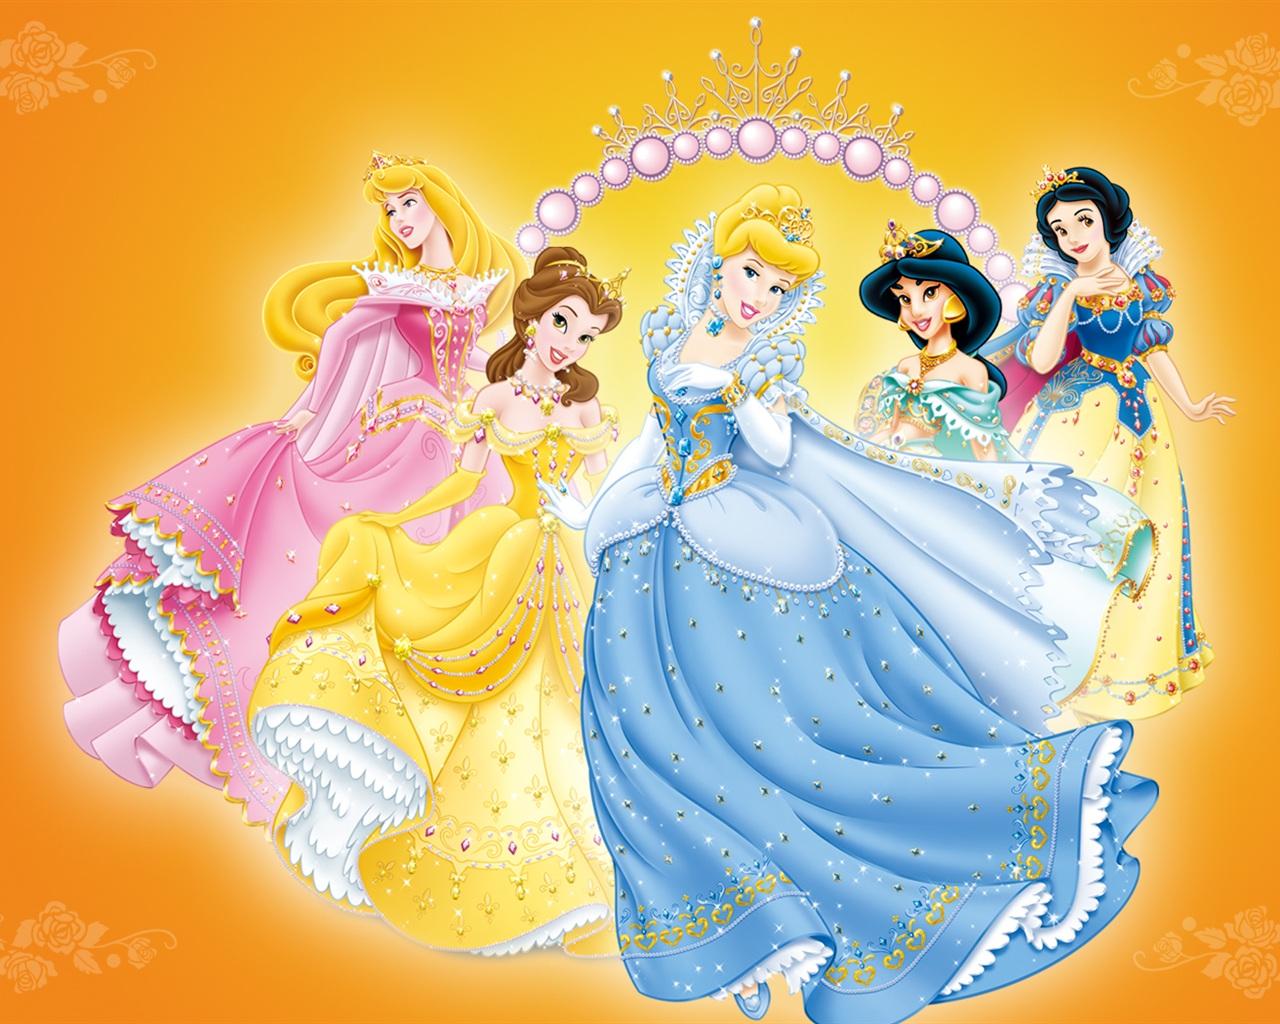 壁紙 プリンセスドレスショー 1680x1050 Hd 無料のデスクトップの背景